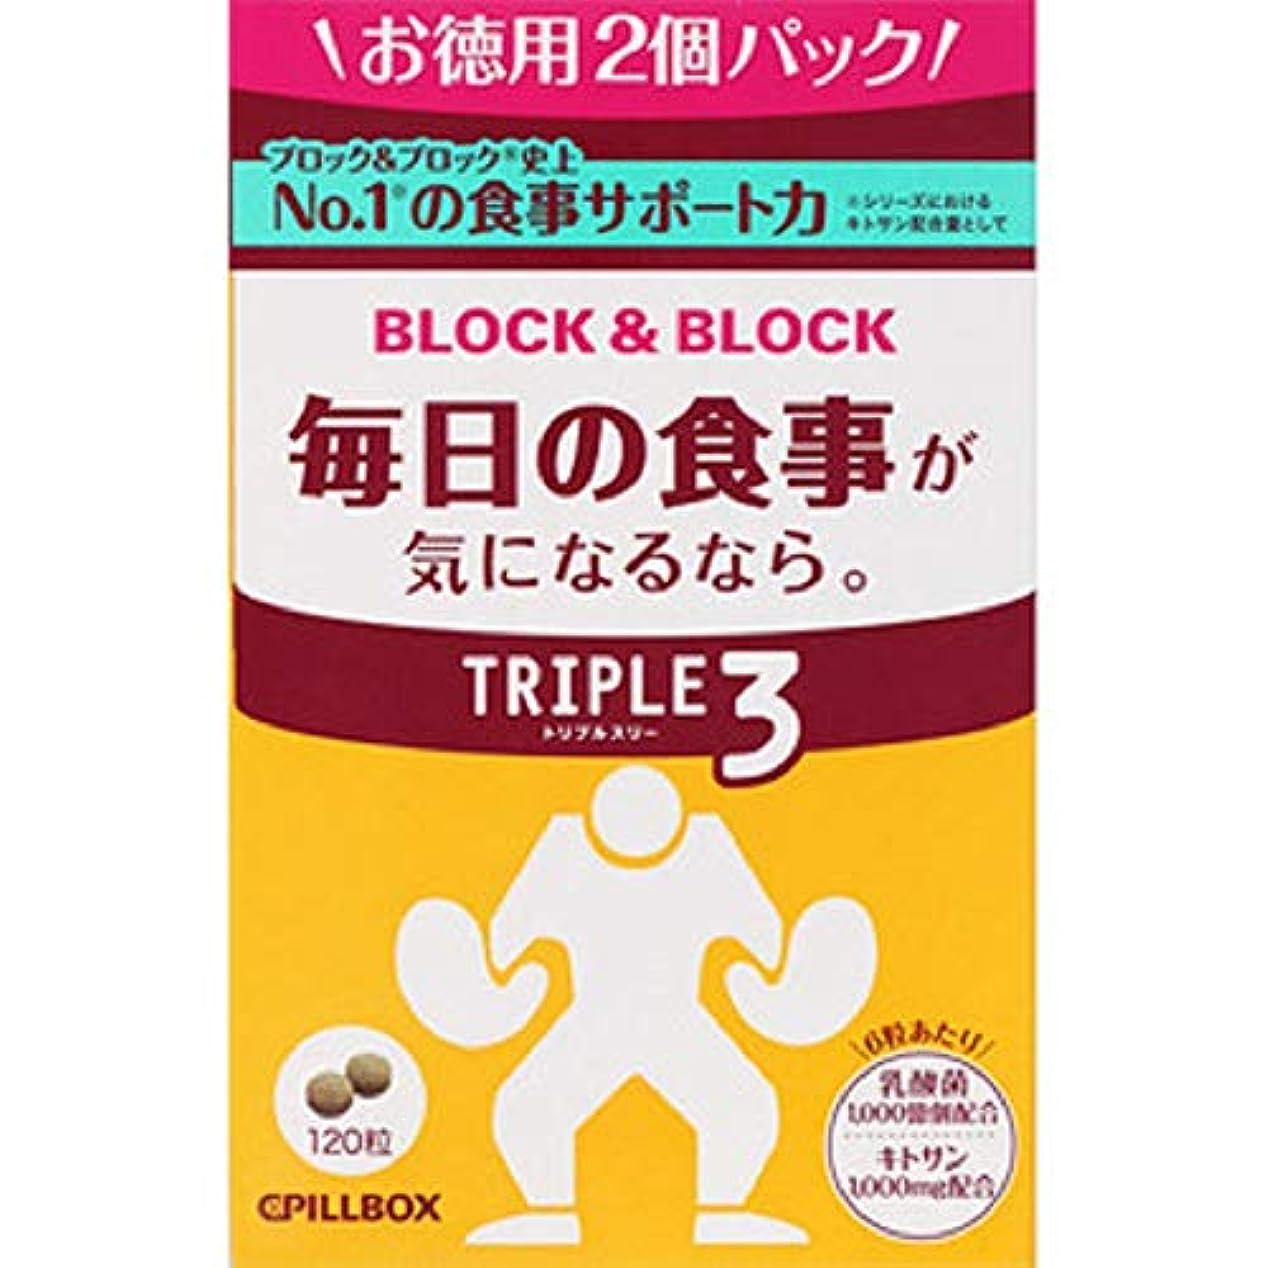 支配的に対して法律ピルボックスジャパン ブロック&ブロック トリプル3 お徳用パック 60粒x2個入り